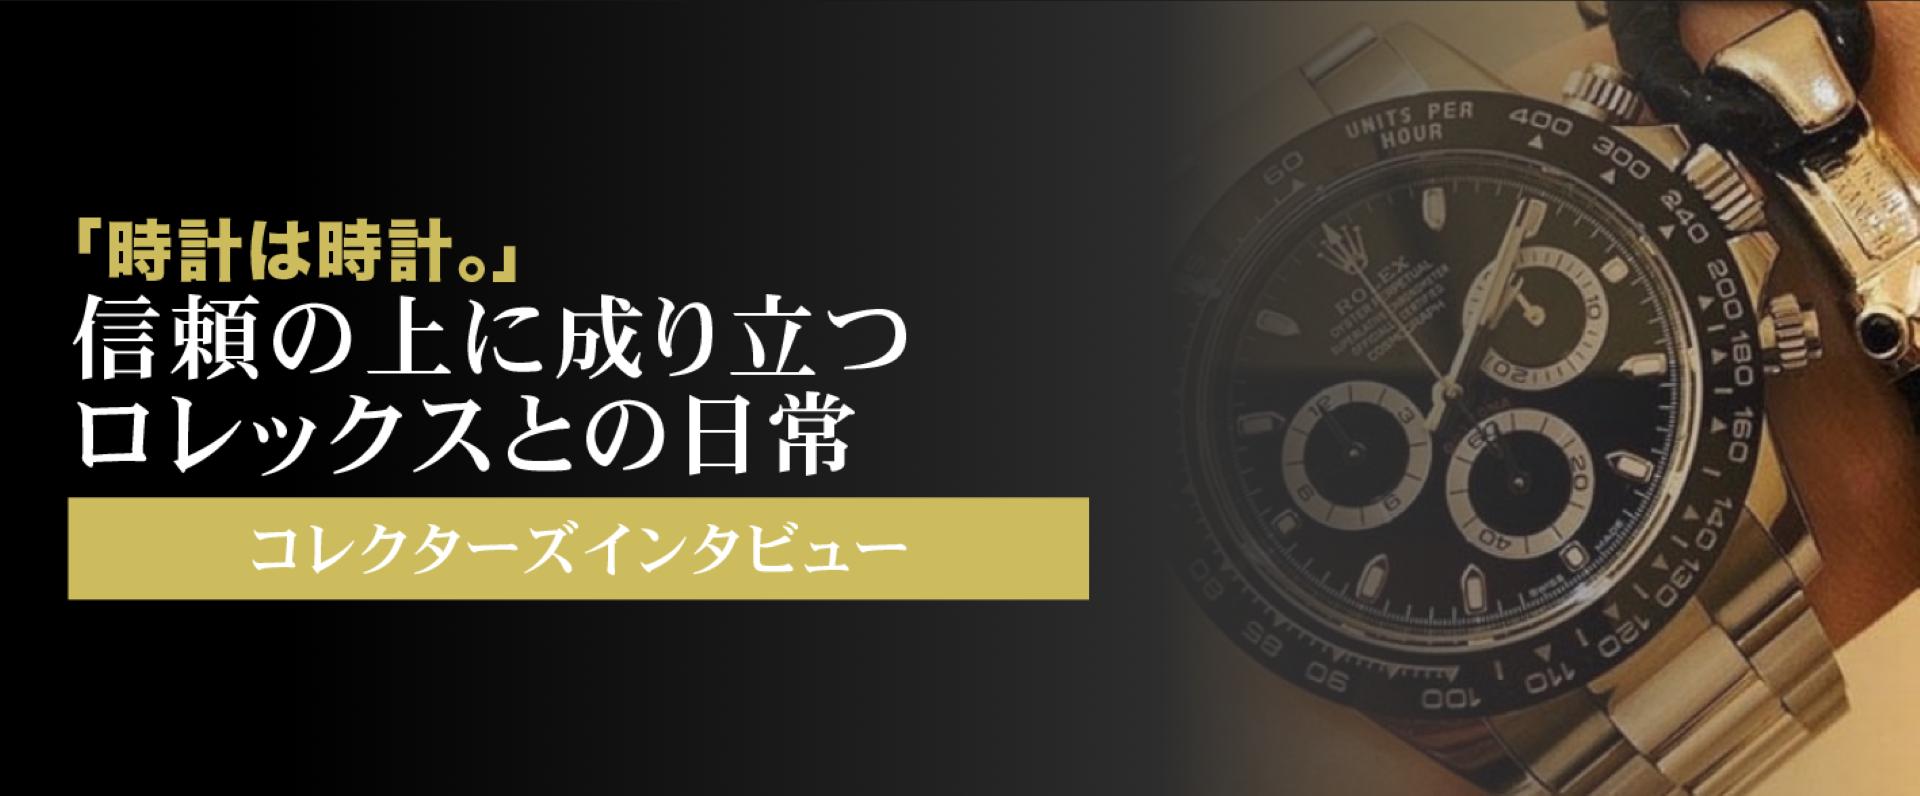 「時計は時計。」信頼の上に成り立つロレックスとの日常